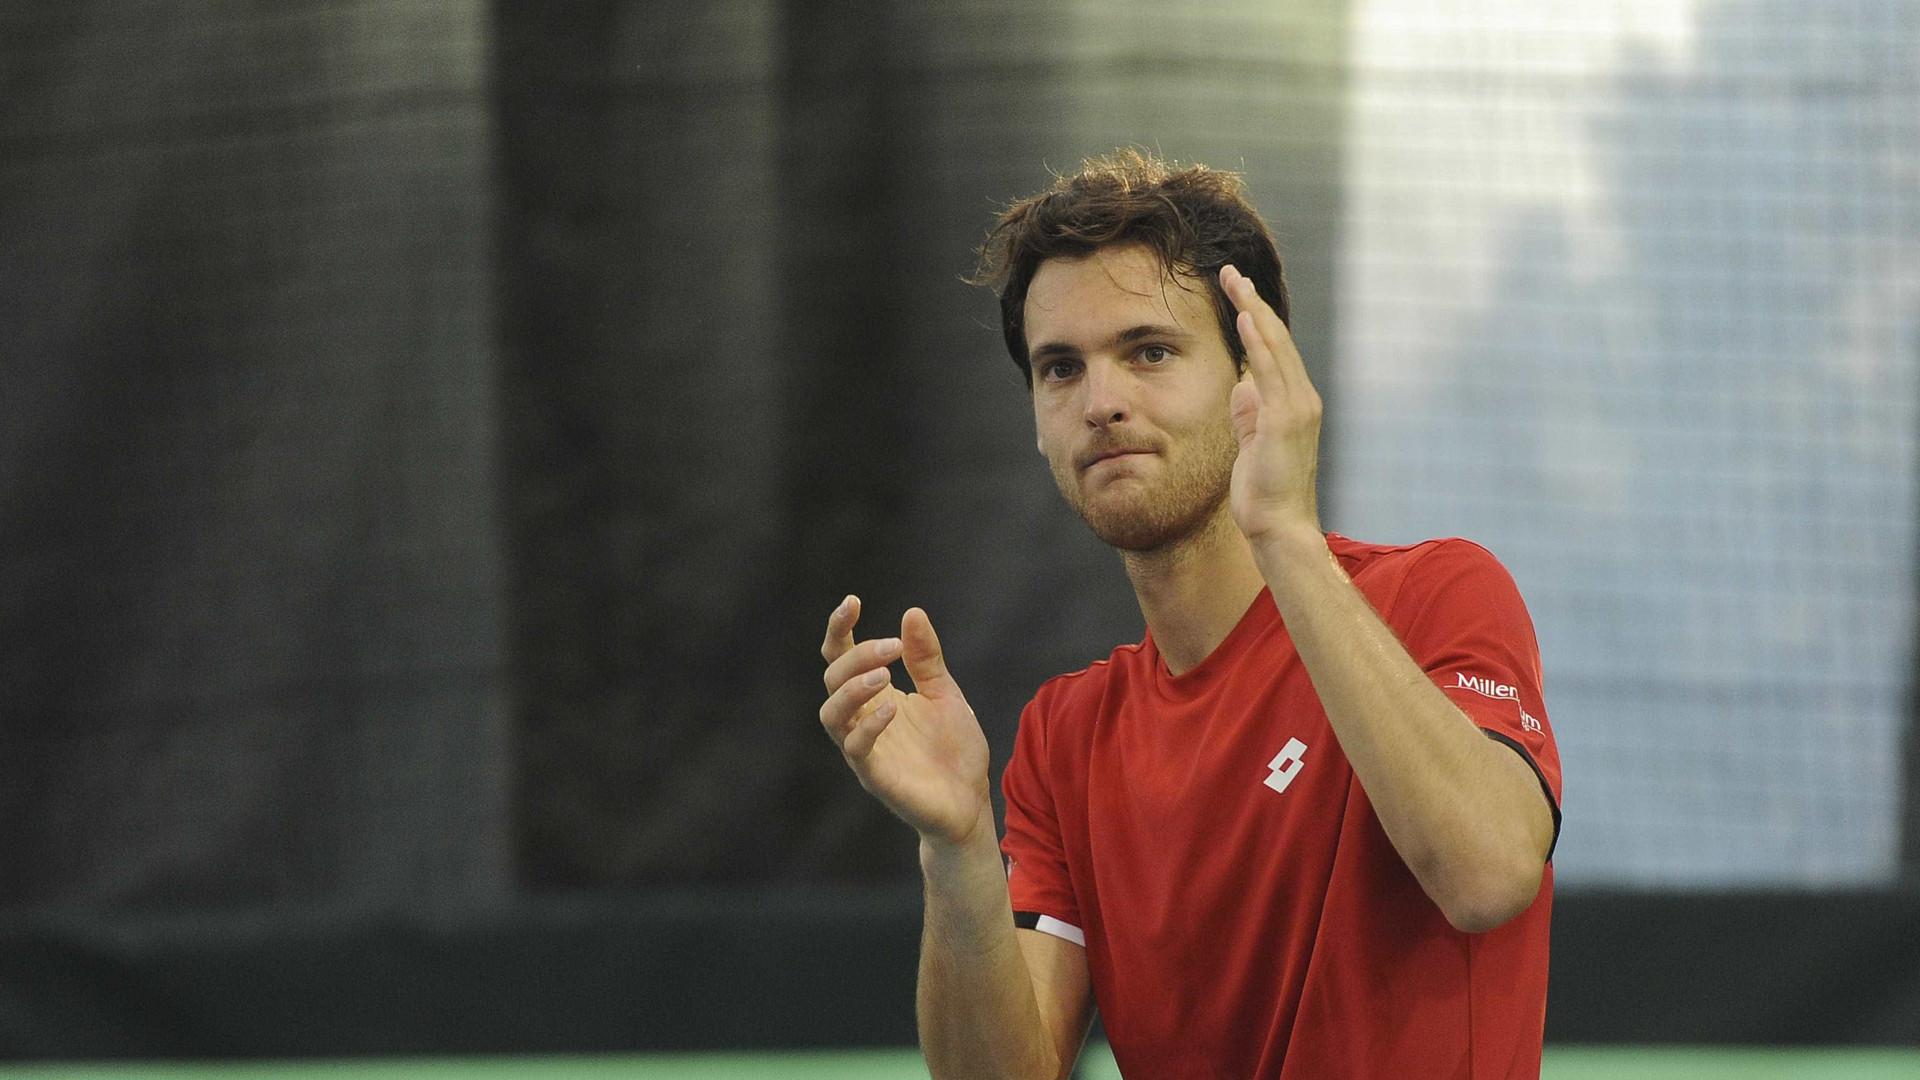 João Sousa e Gastão Elias sobem no ranking ATP